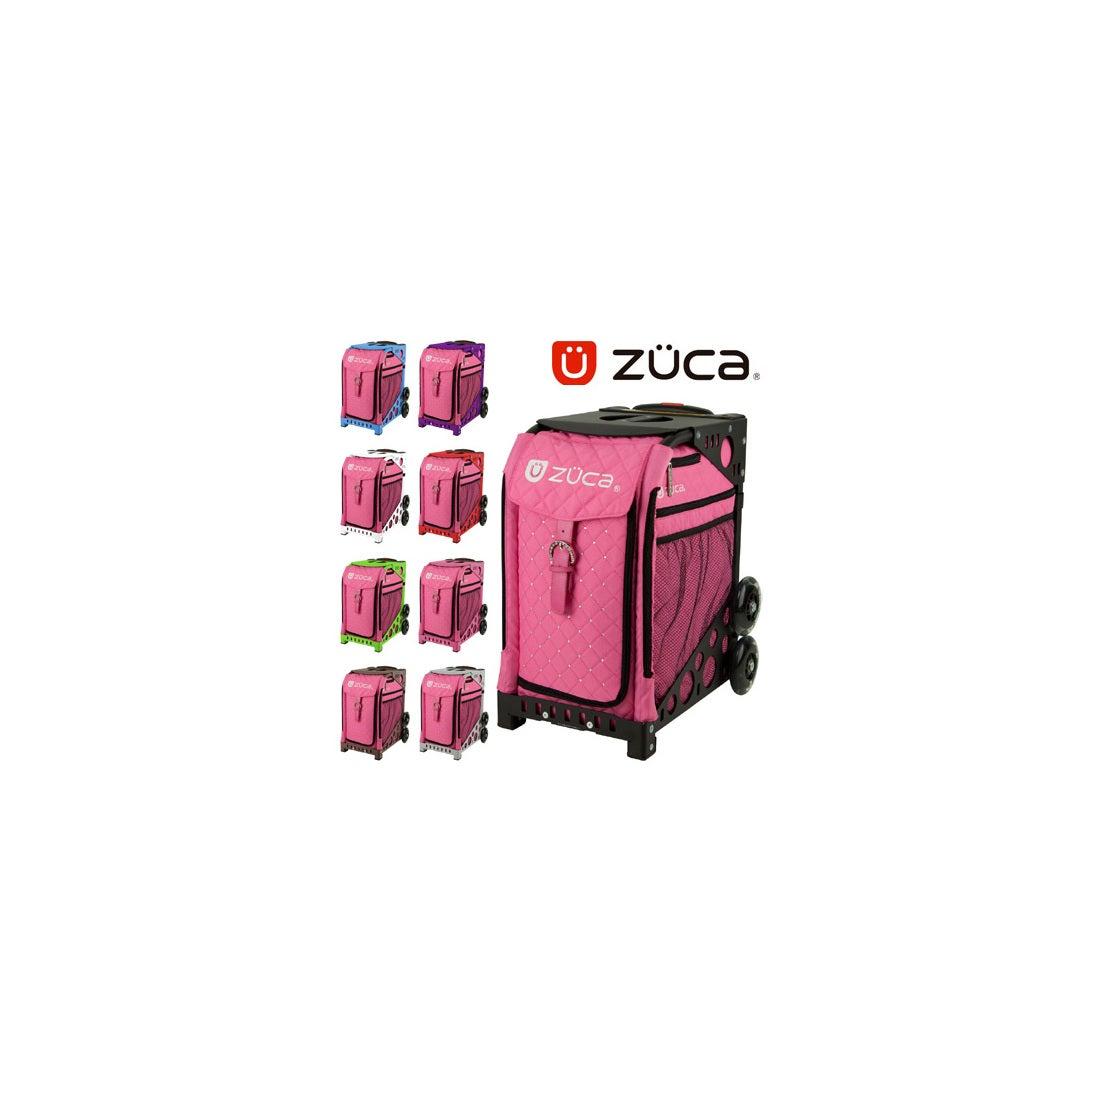 ロコンド 靴とファッションの通販サイト【セット販売】ZUCAスポーツHotPink100003Red